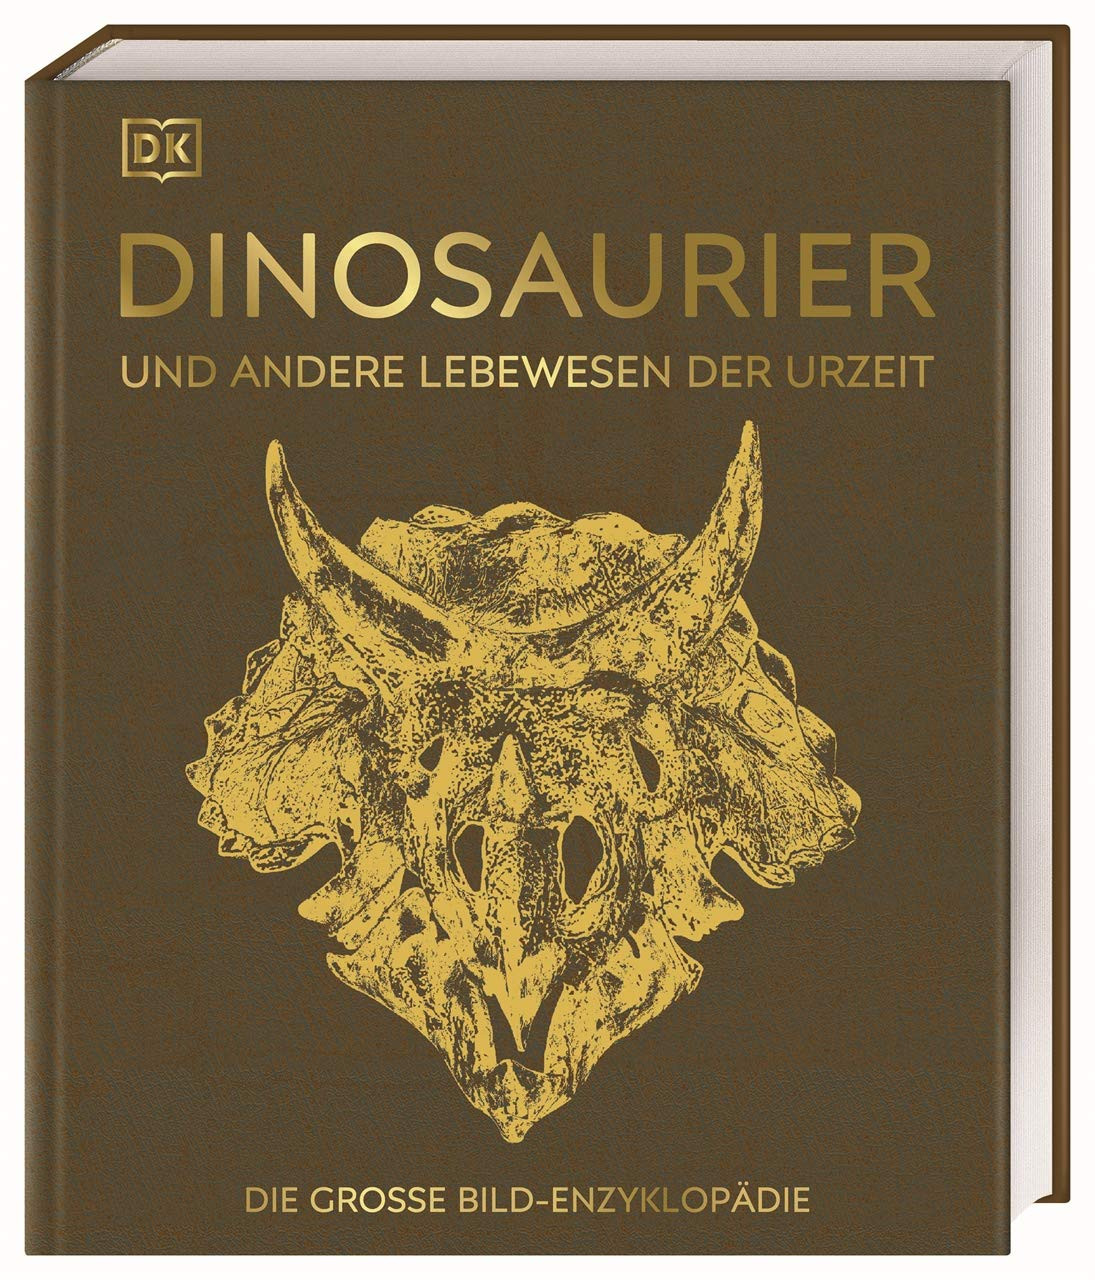 Dinosaurier und andere Lebewesen der Urzeit: Die große Bild-Enzyklopädie